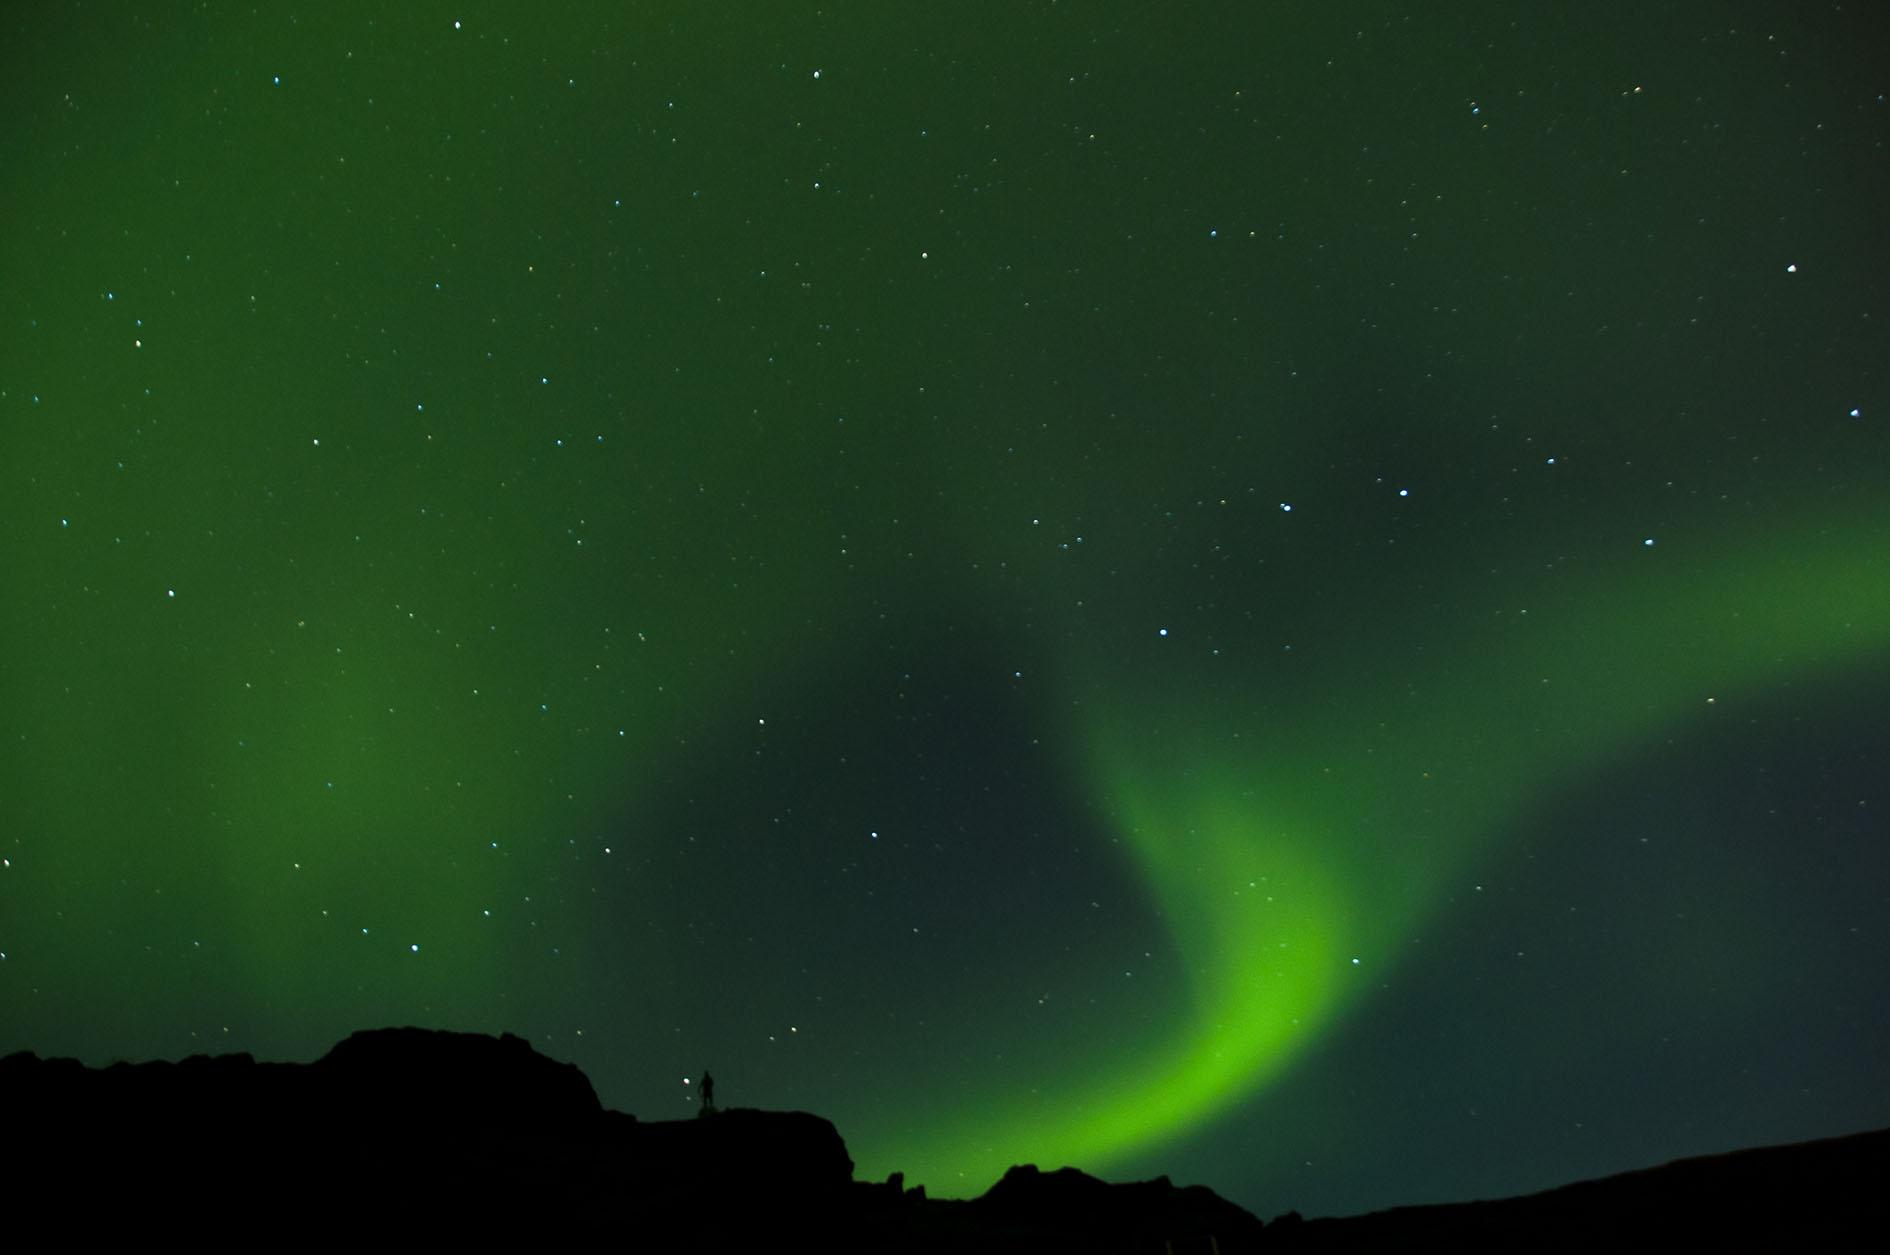 Descripción: Las auroras boreales siempre estuvieron llenas de misticismo en el mundo inuit. Tuvimos la suerte de verlas en Groenlandia estando en el Hostel que Tierras Polares tiene en Qassiarsuk mientras Erik el Rojo nos observaba.  Categoría: Mi fotaza. Viaje: Lo mejor de Groenlandia, verano de 2012.